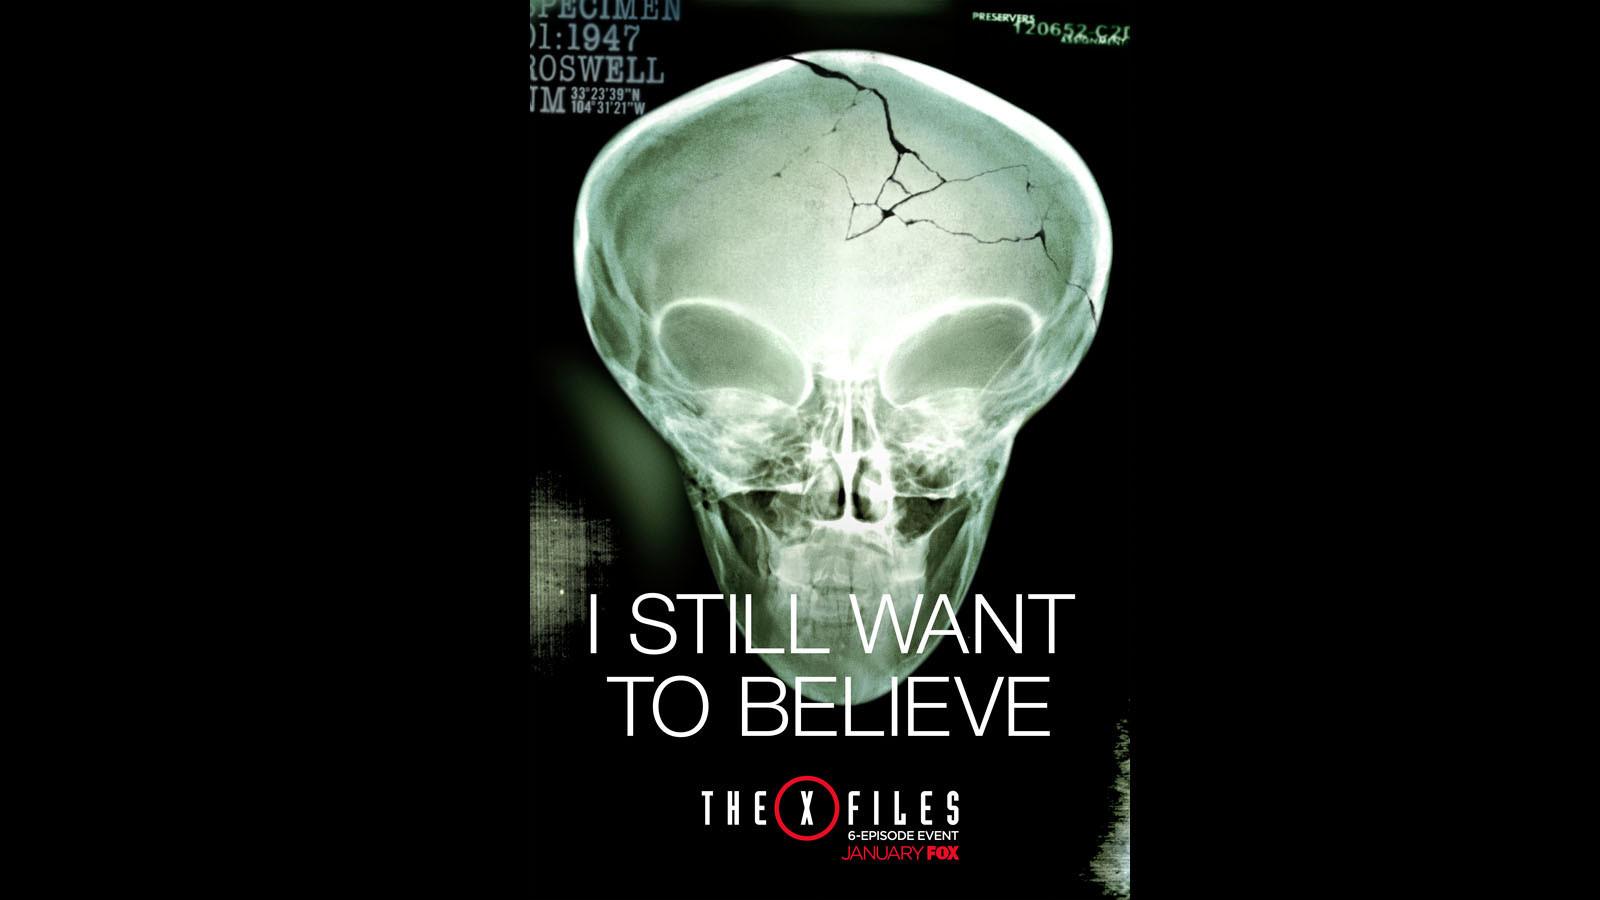 The X Files Believe It